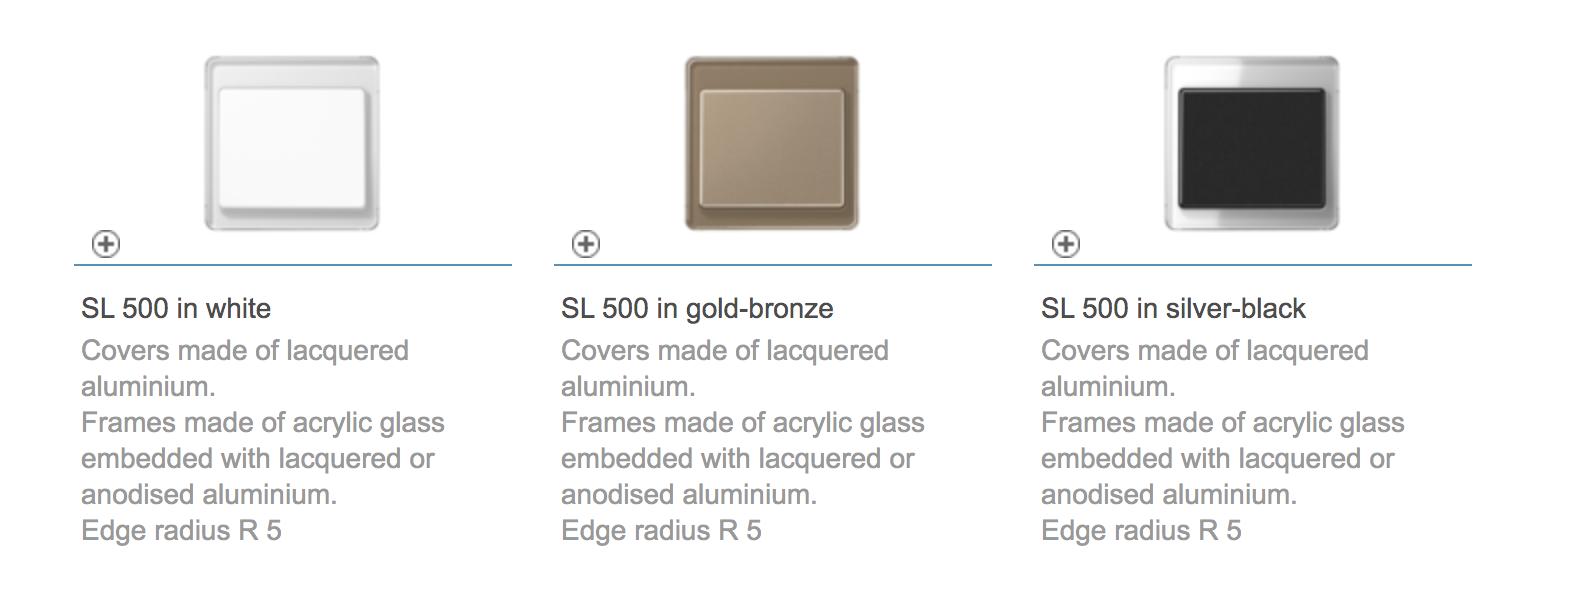 SL 500 color